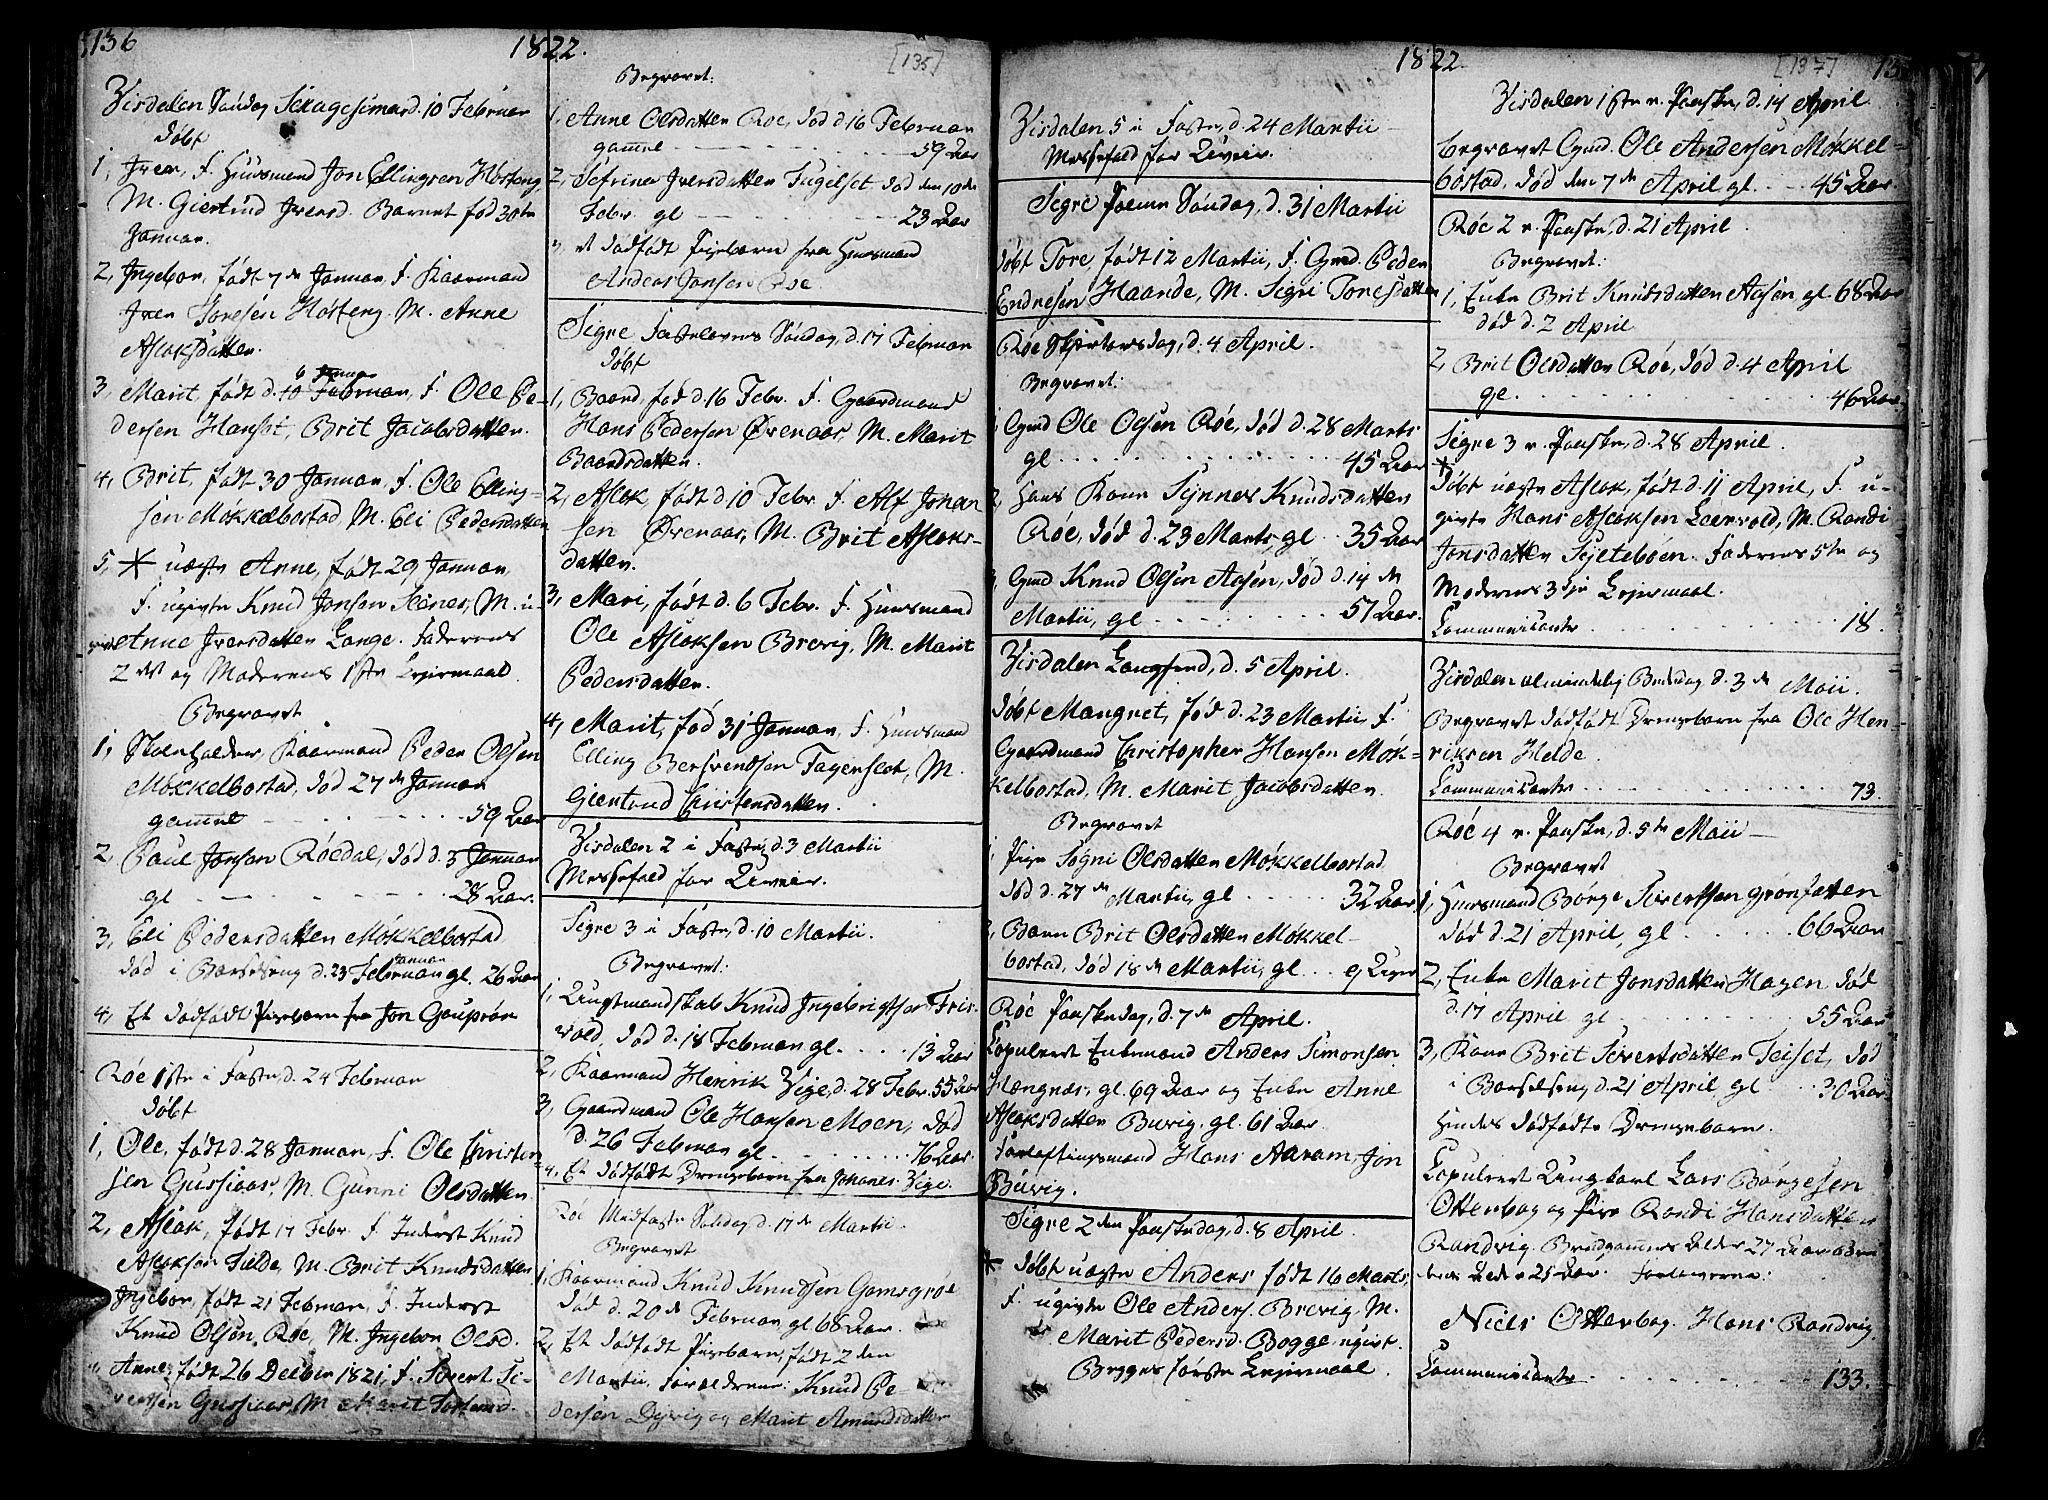 SAT, Ministerialprotokoller, klokkerbøker og fødselsregistre - Møre og Romsdal, 551/L0622: Ministerialbok nr. 551A02, 1804-1845, s. 136-137